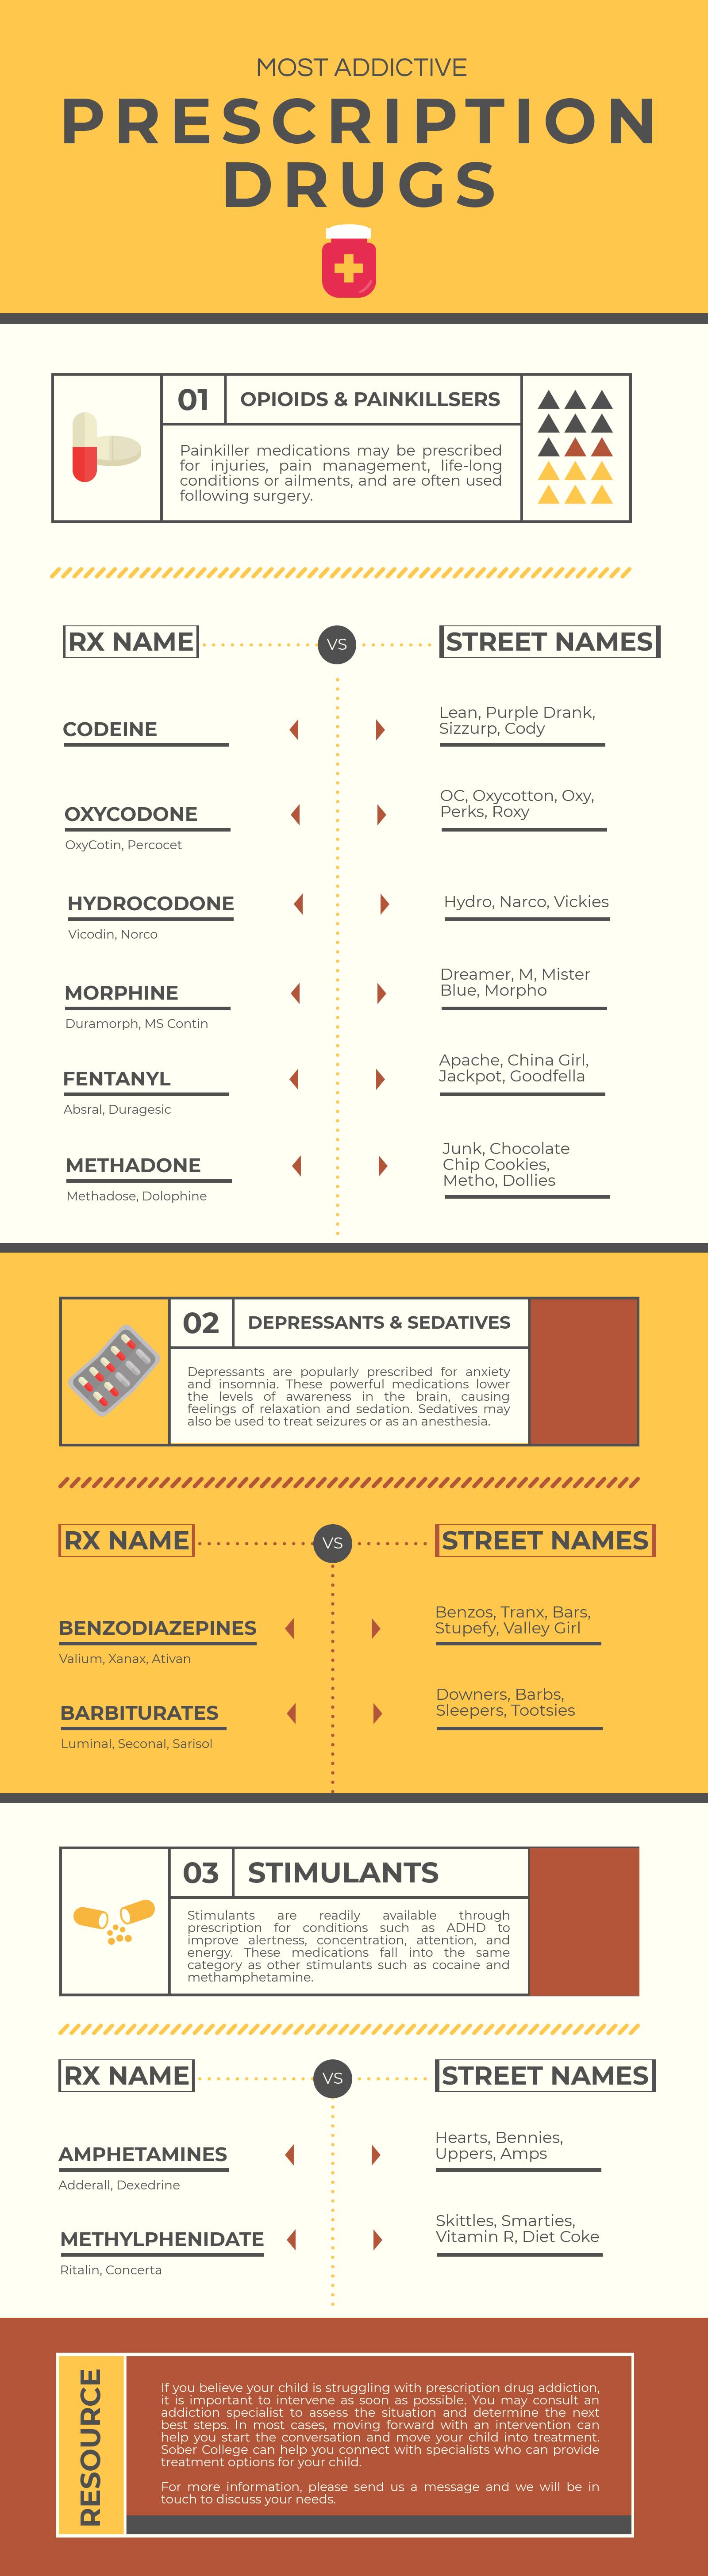 Most Addictive Prescription Drugs Infographic